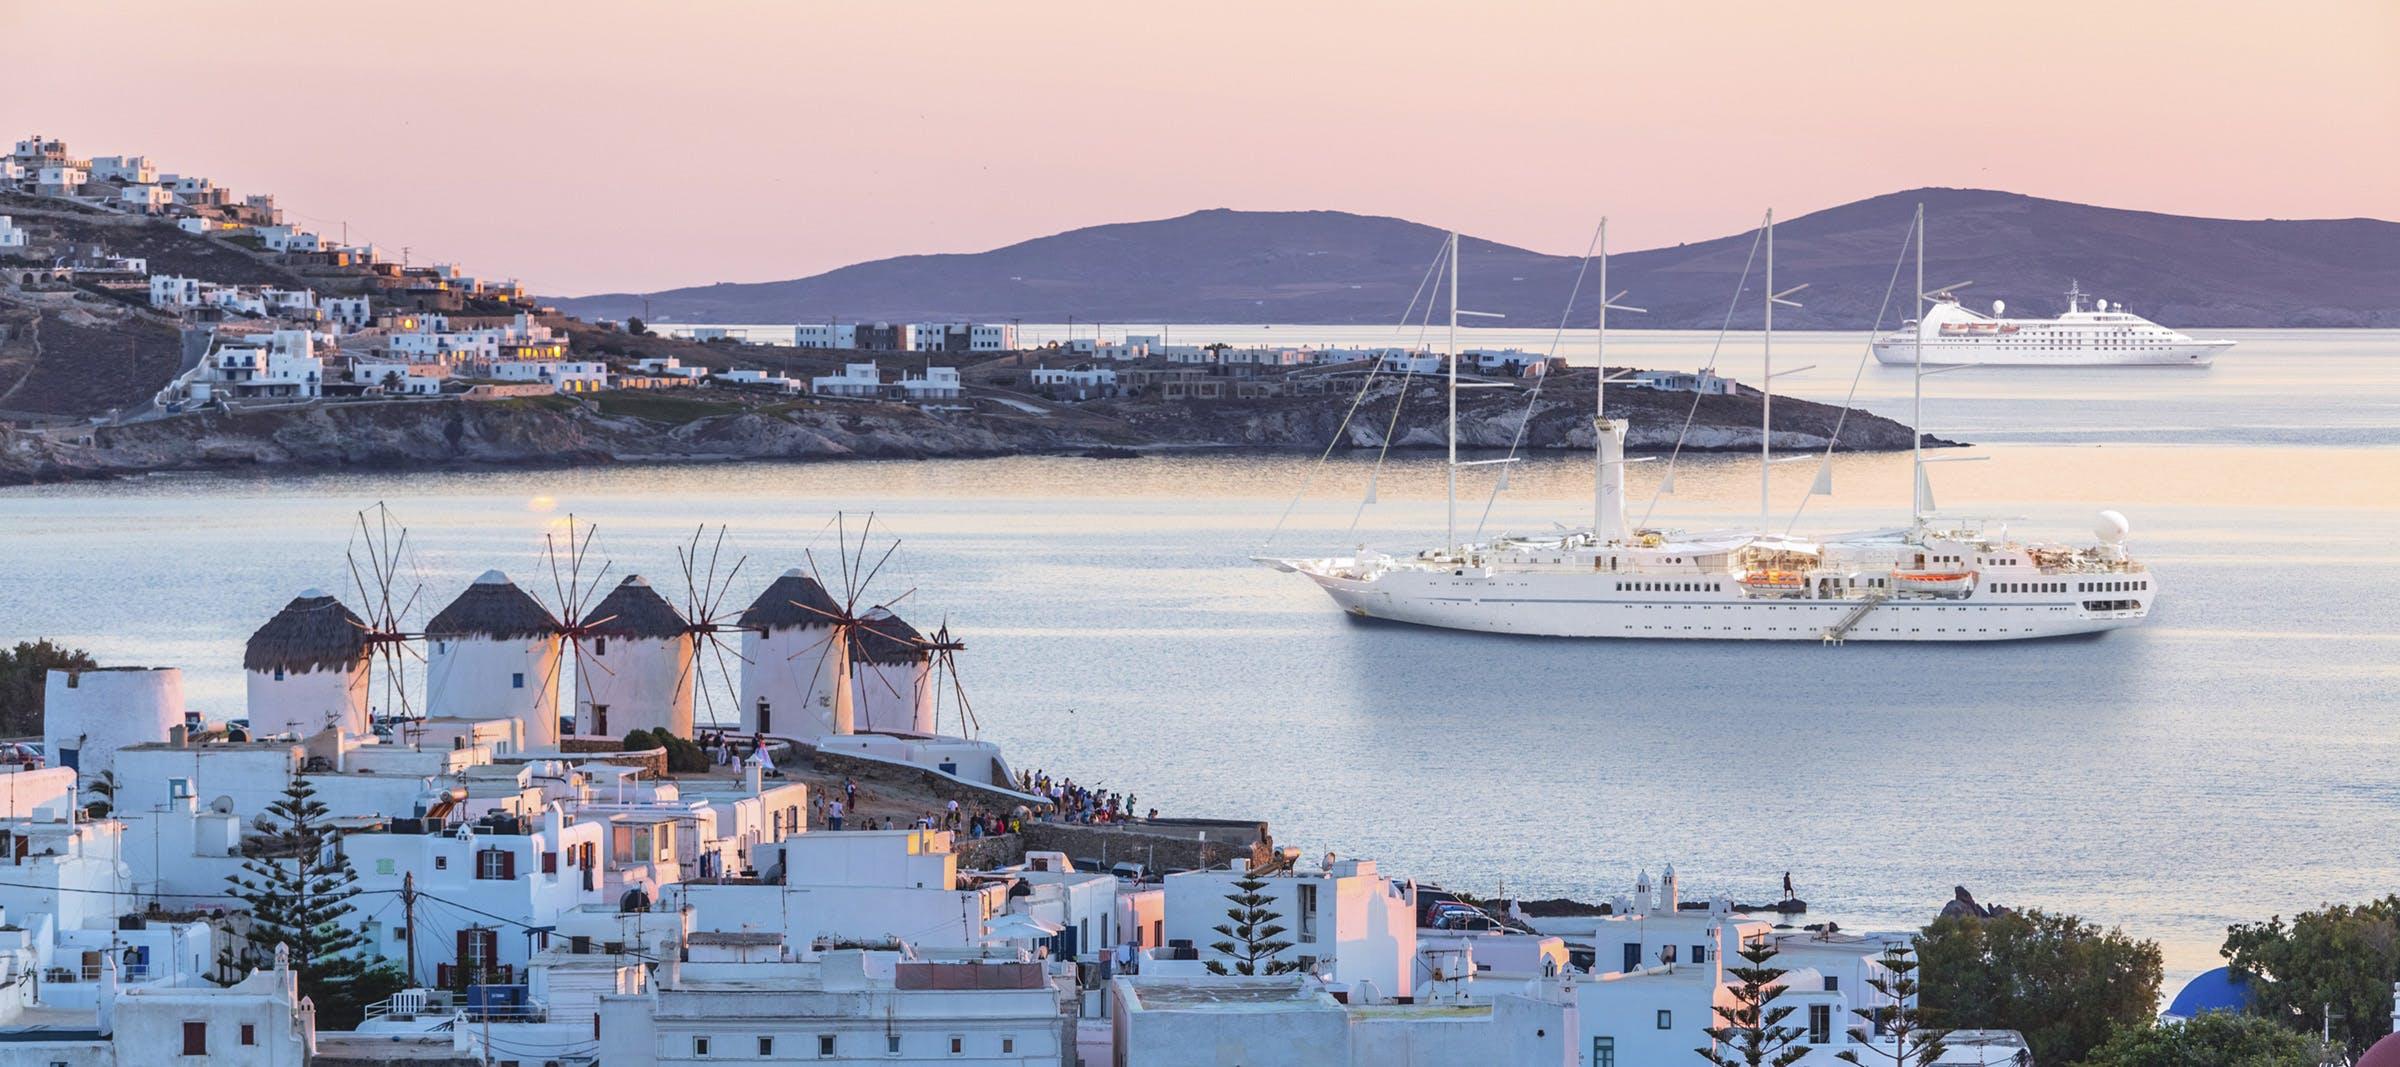 Windstar ships in Europe